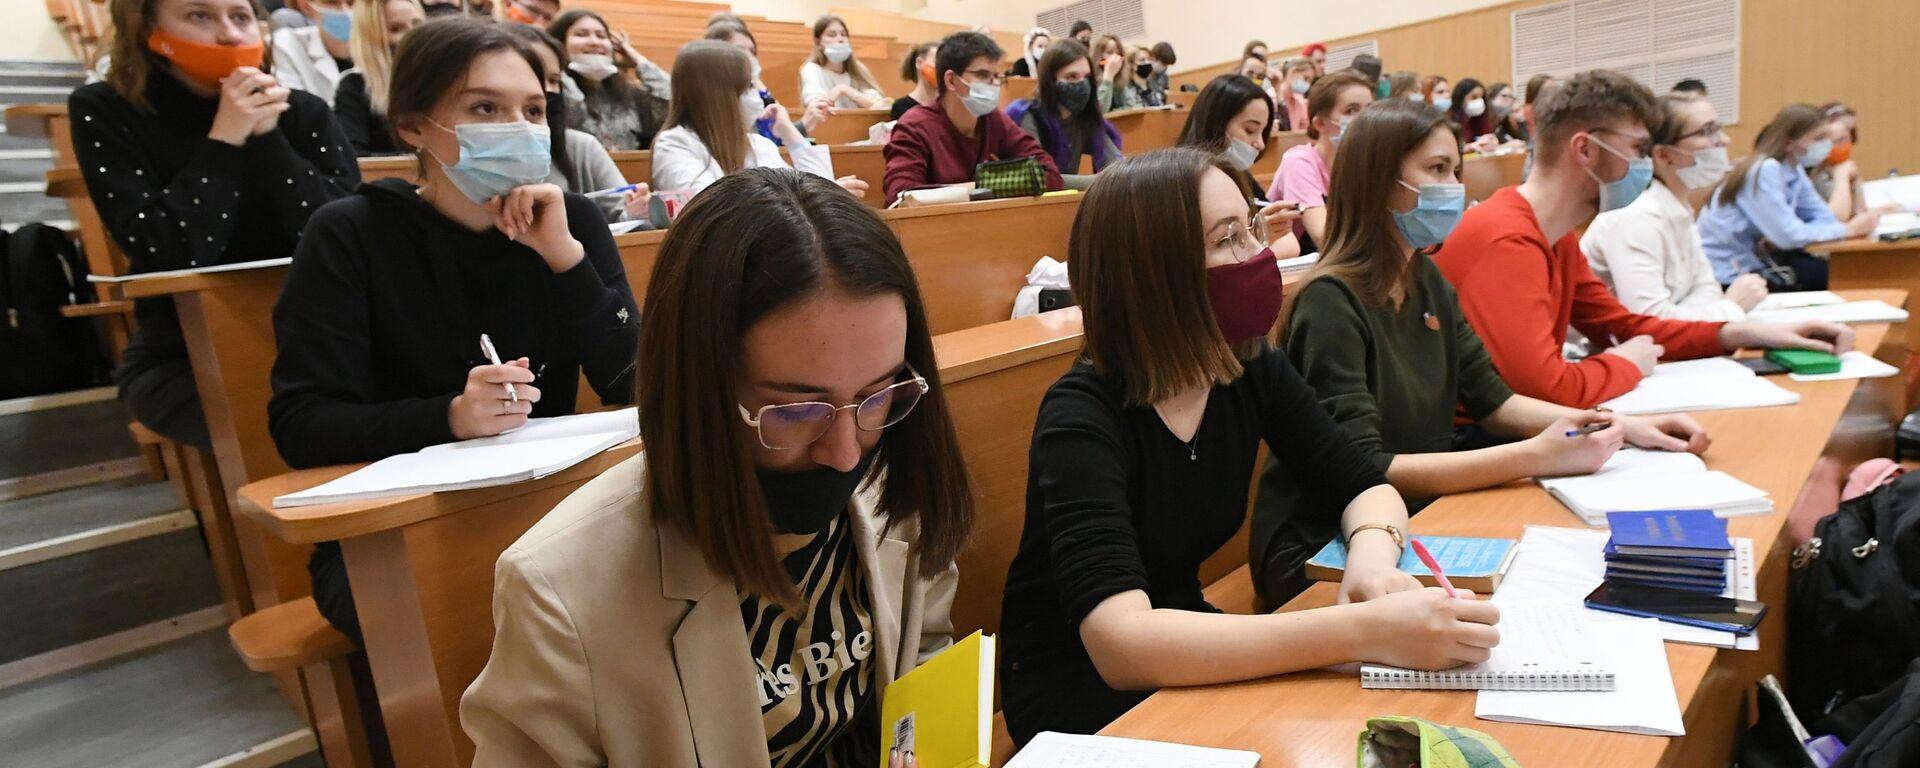 Возобновление очного обучения в вузах - Sputnik Грузия, 1920, 01.09.2021